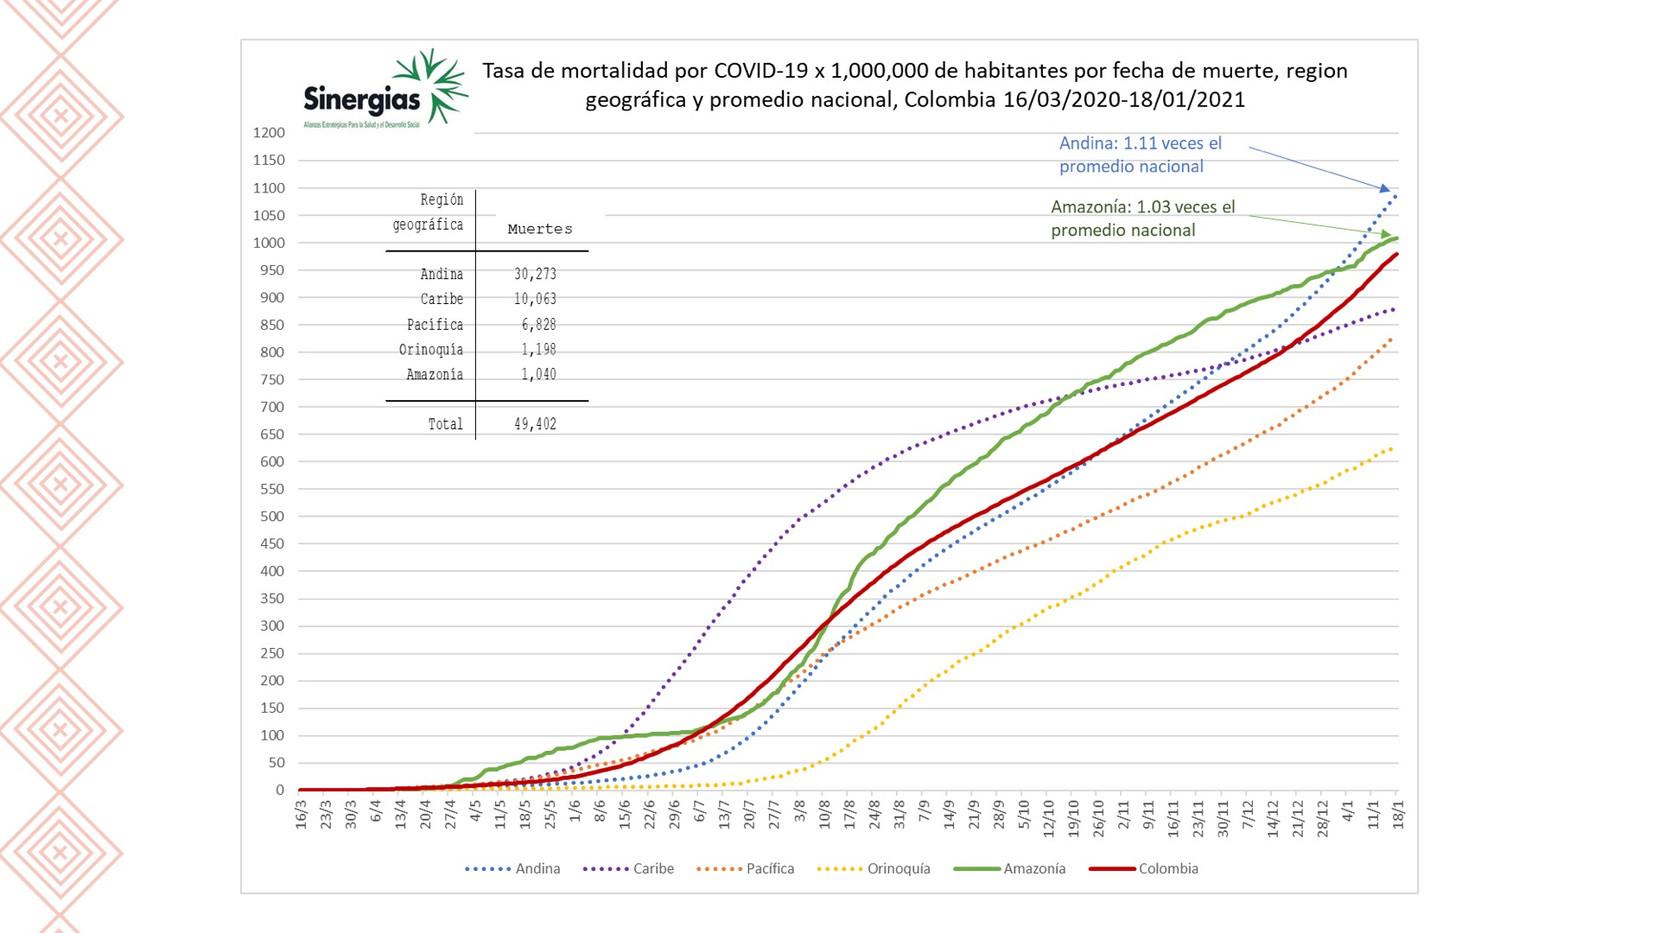 Tasa de mortalidad por COVID19 en el territorio nacional